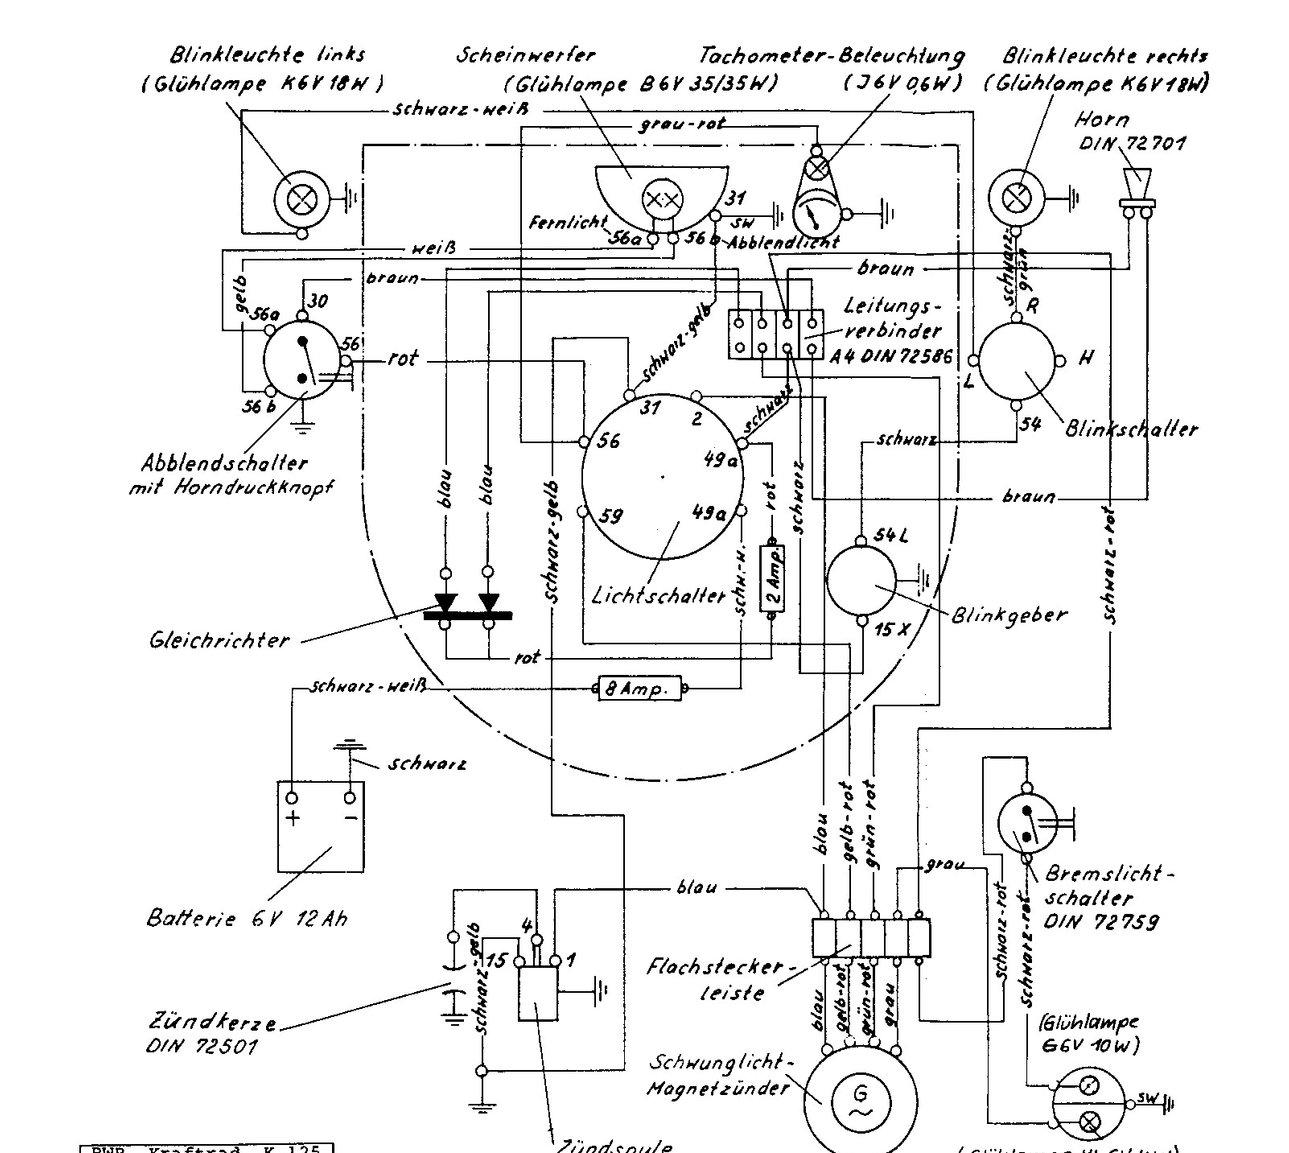 Großartig Schematische Zeichnungen Elektrisch Bilder - Elektrische ...